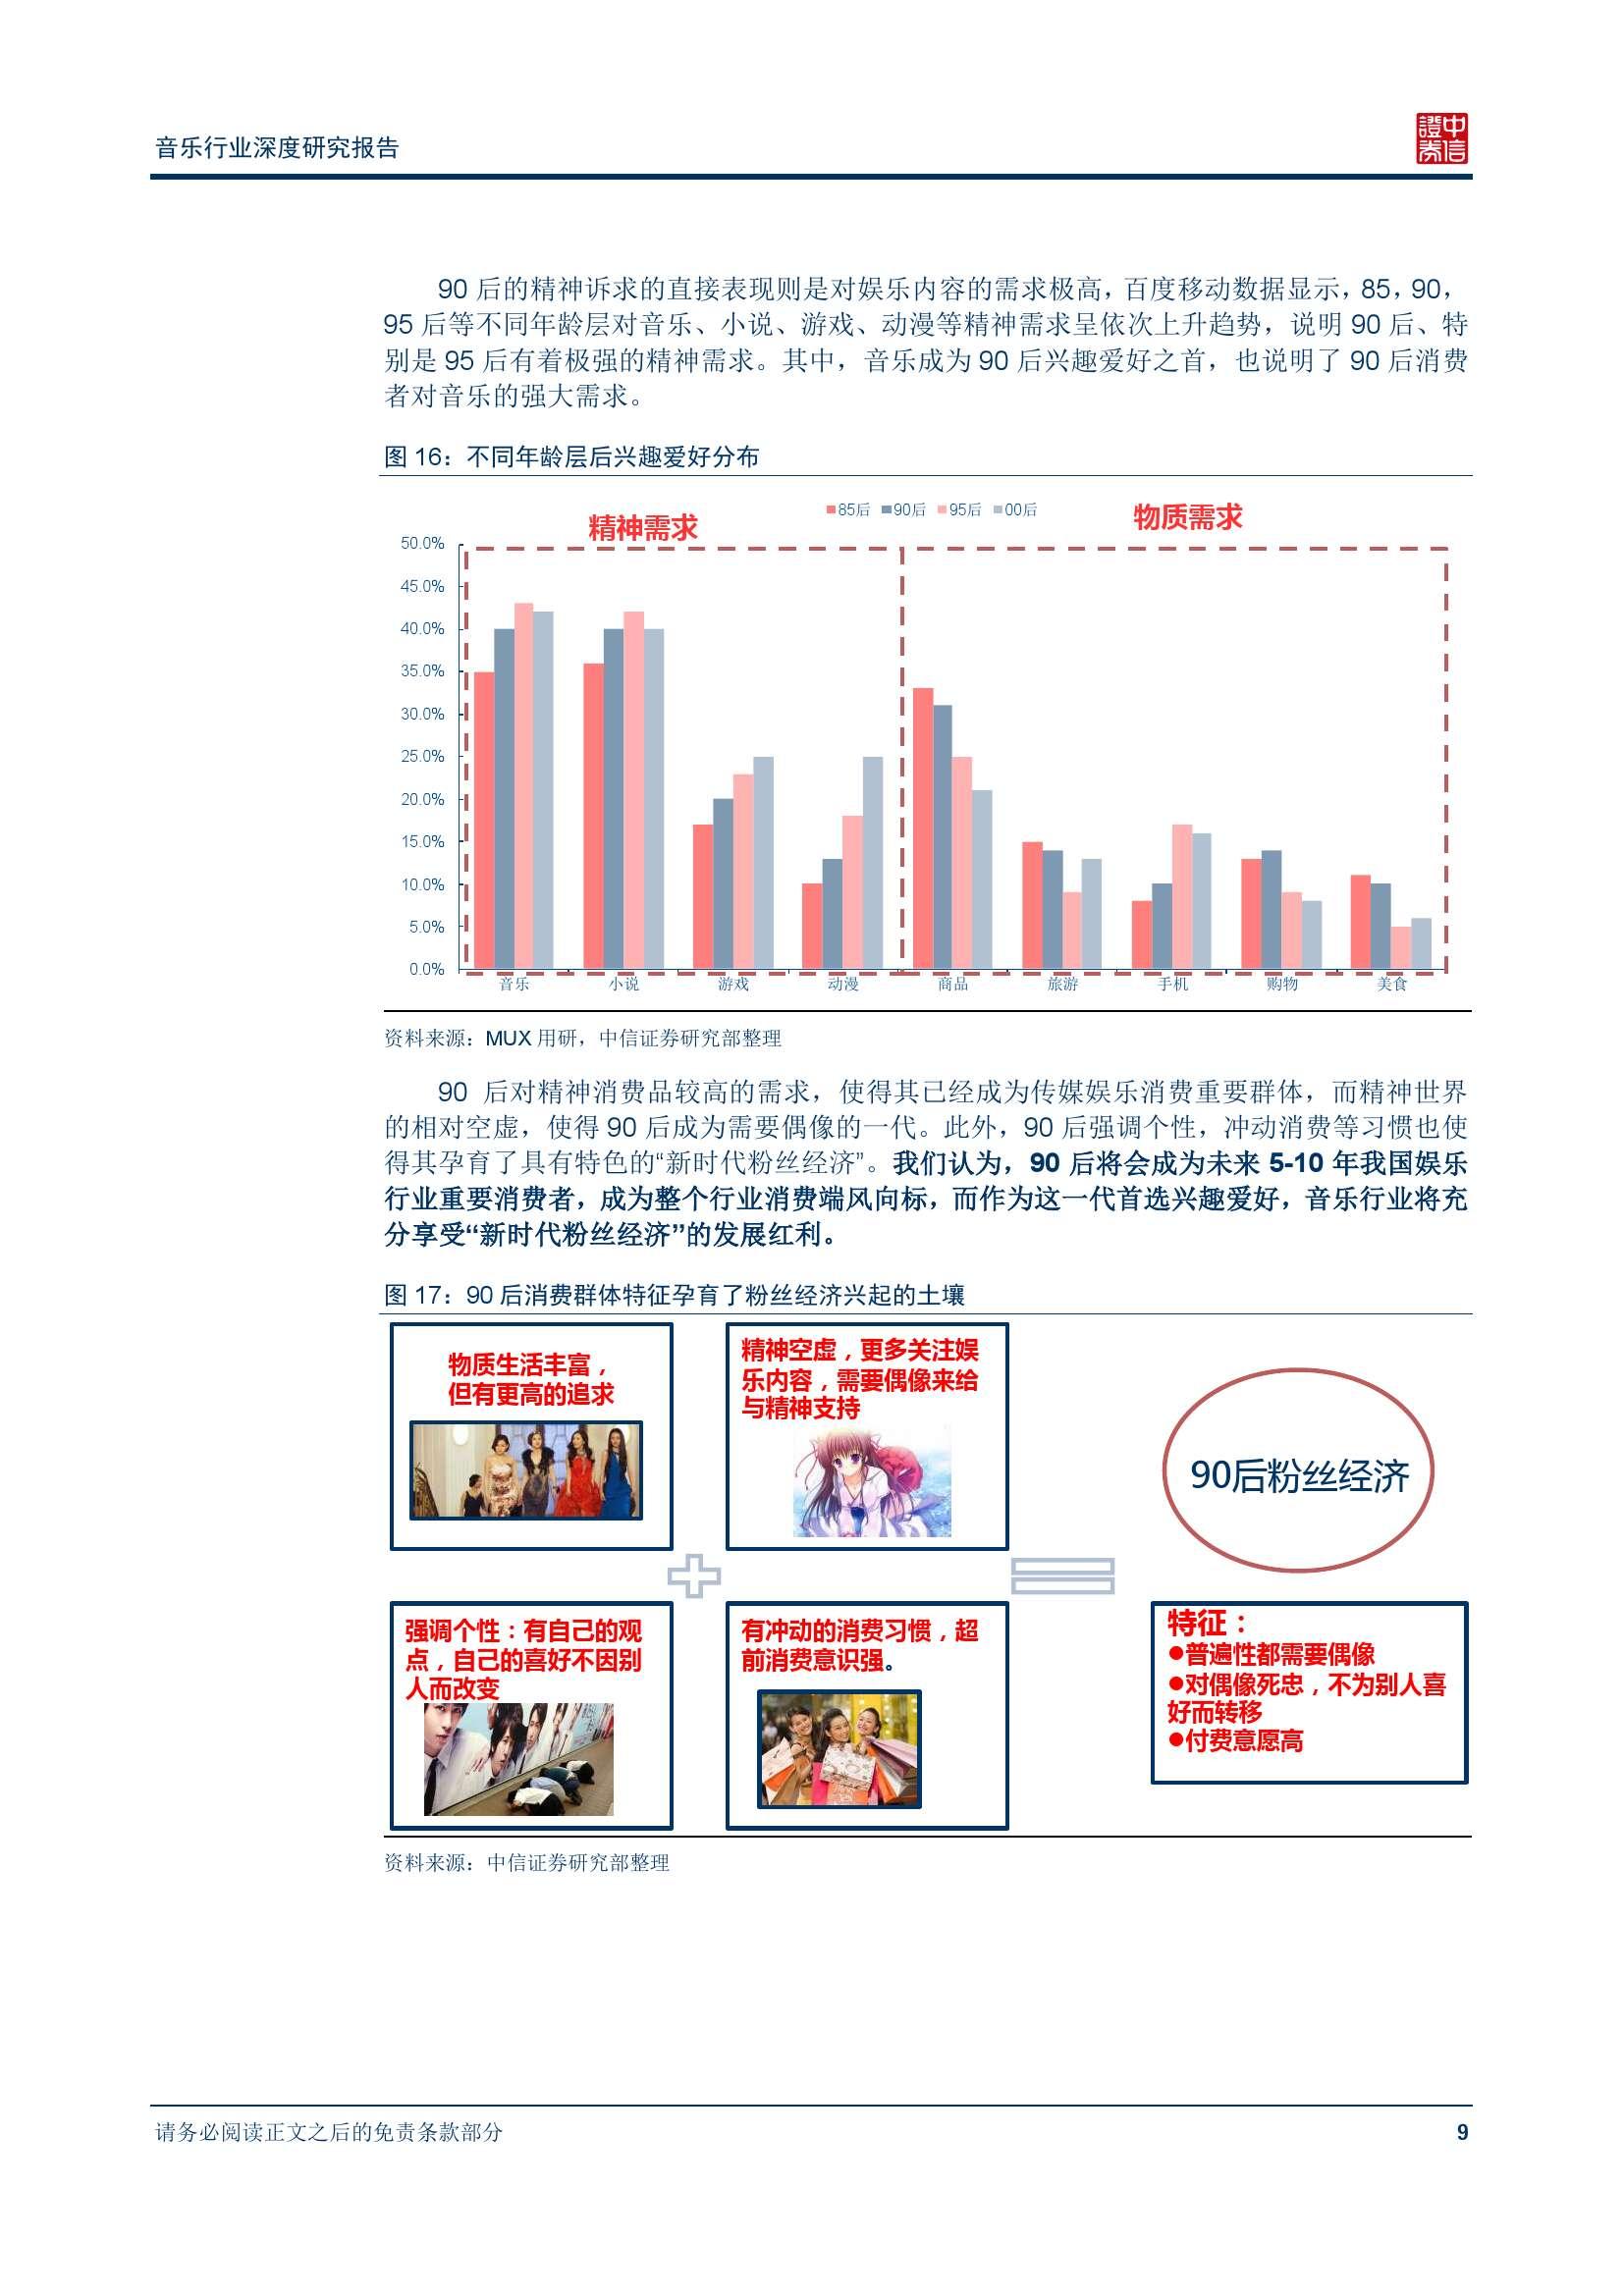 中信证券音乐行业深度研究报告_000014